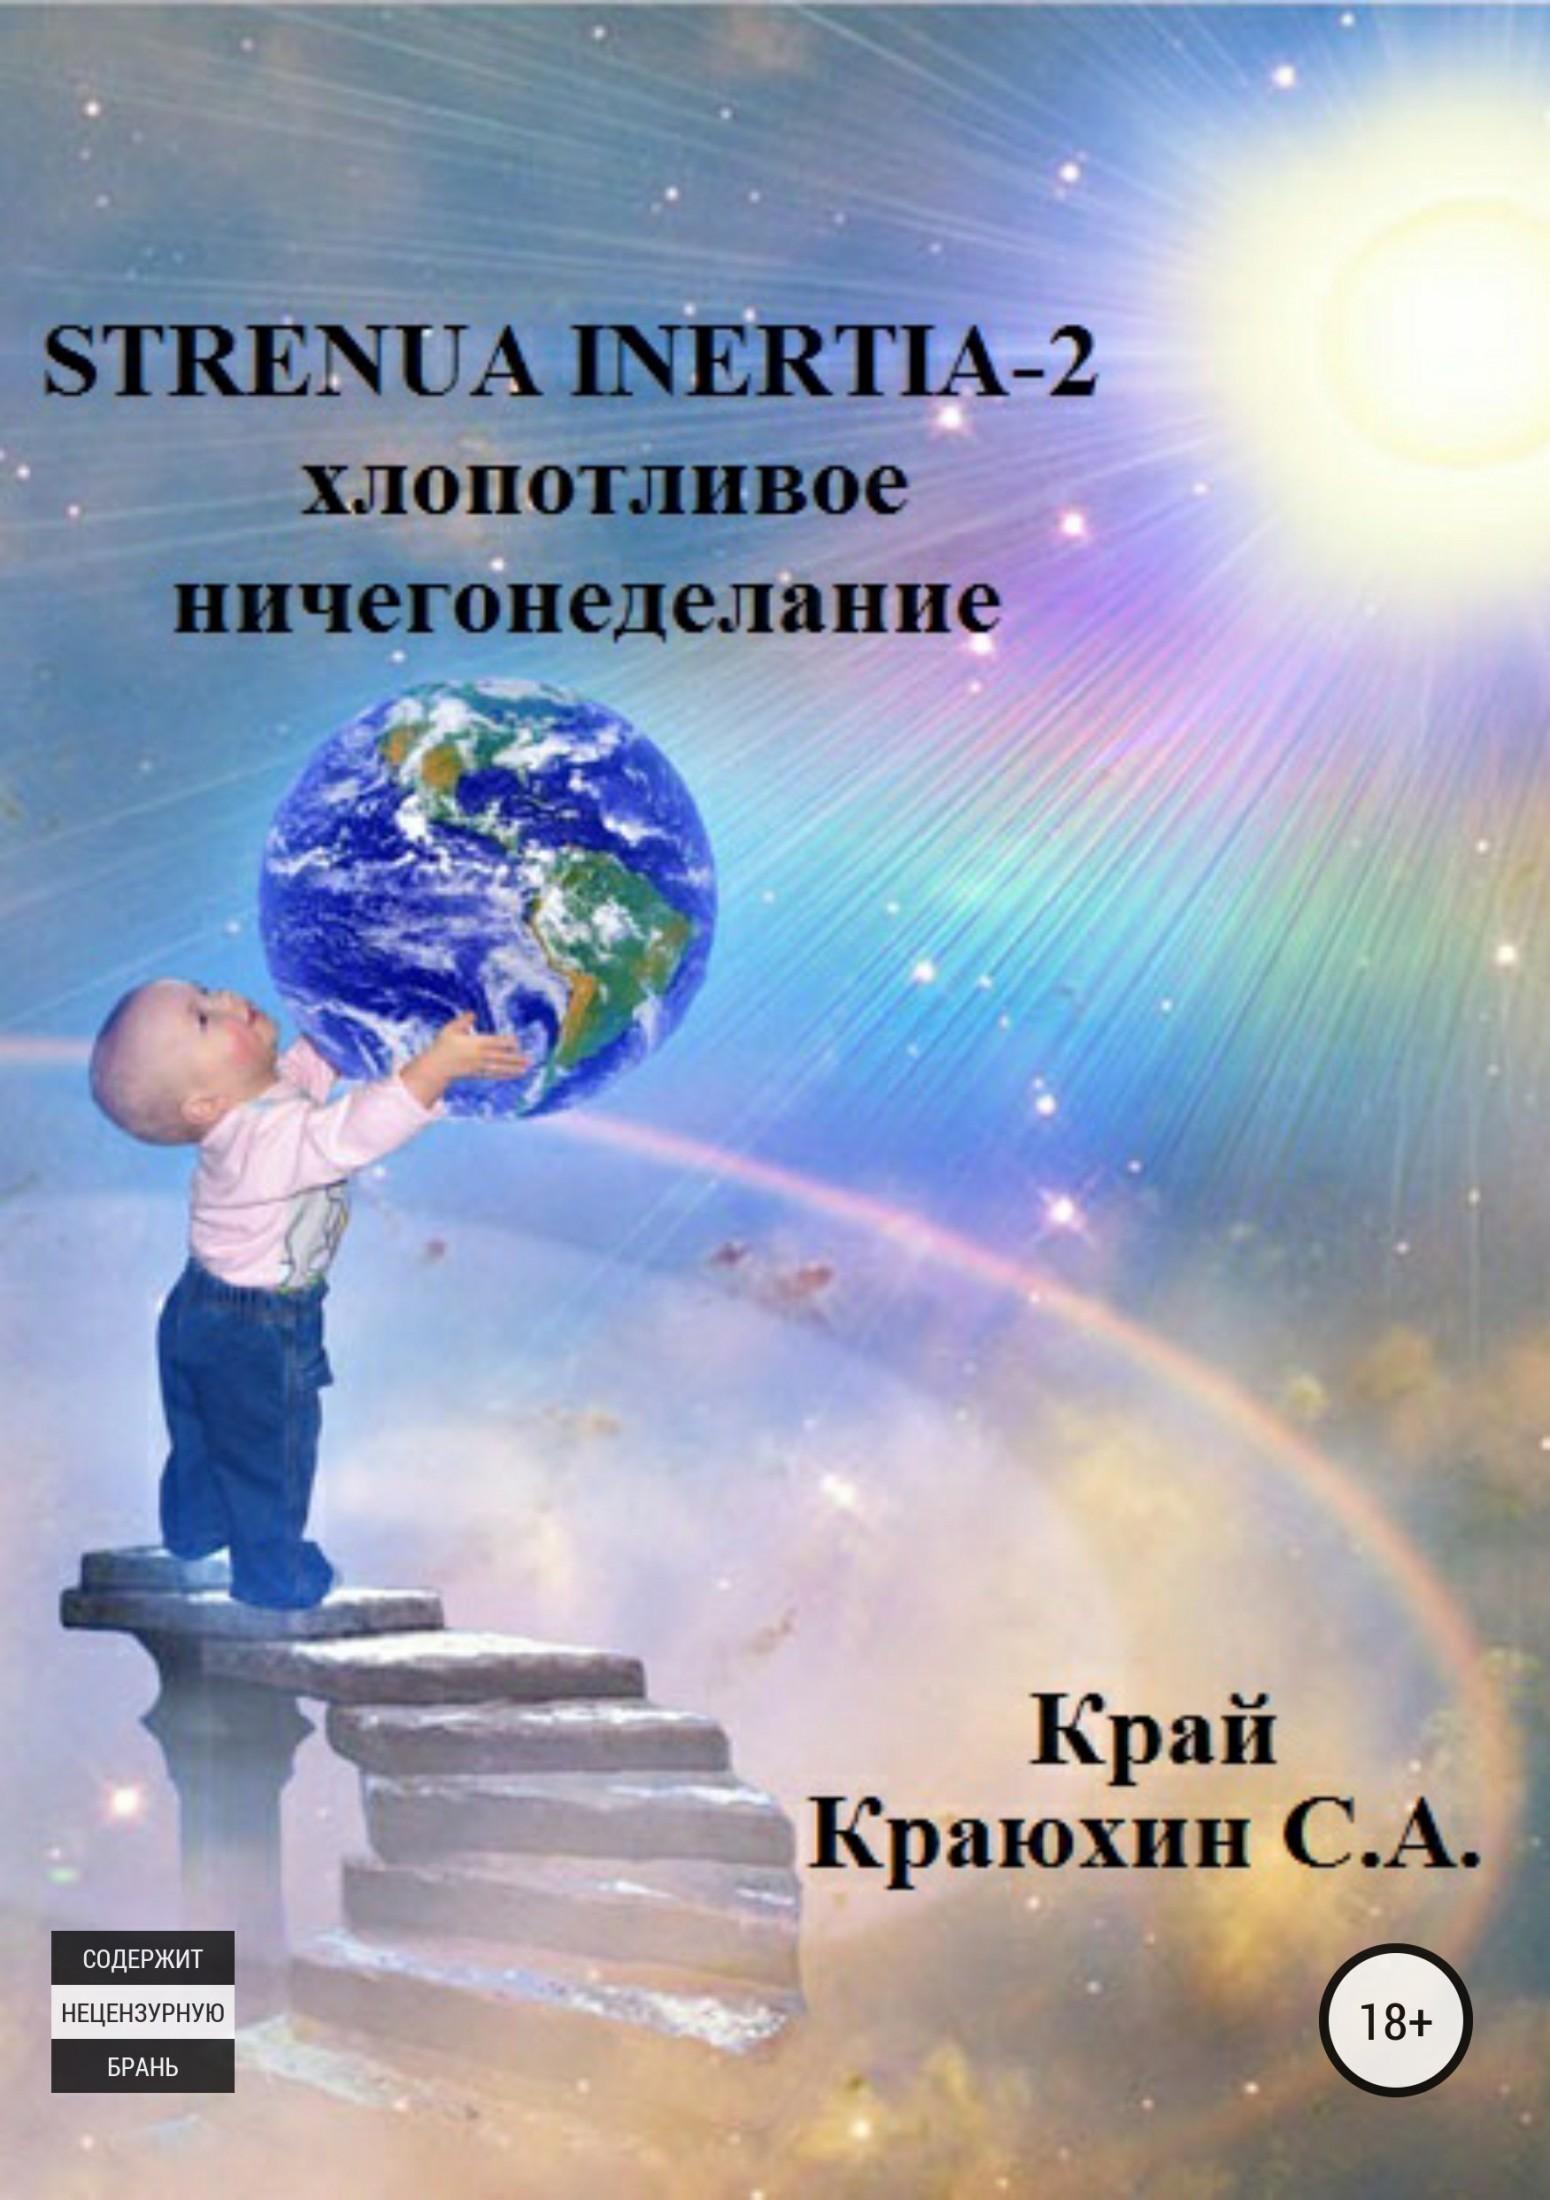 Strenua inertia 2!Хлопотливое ничегонеделание